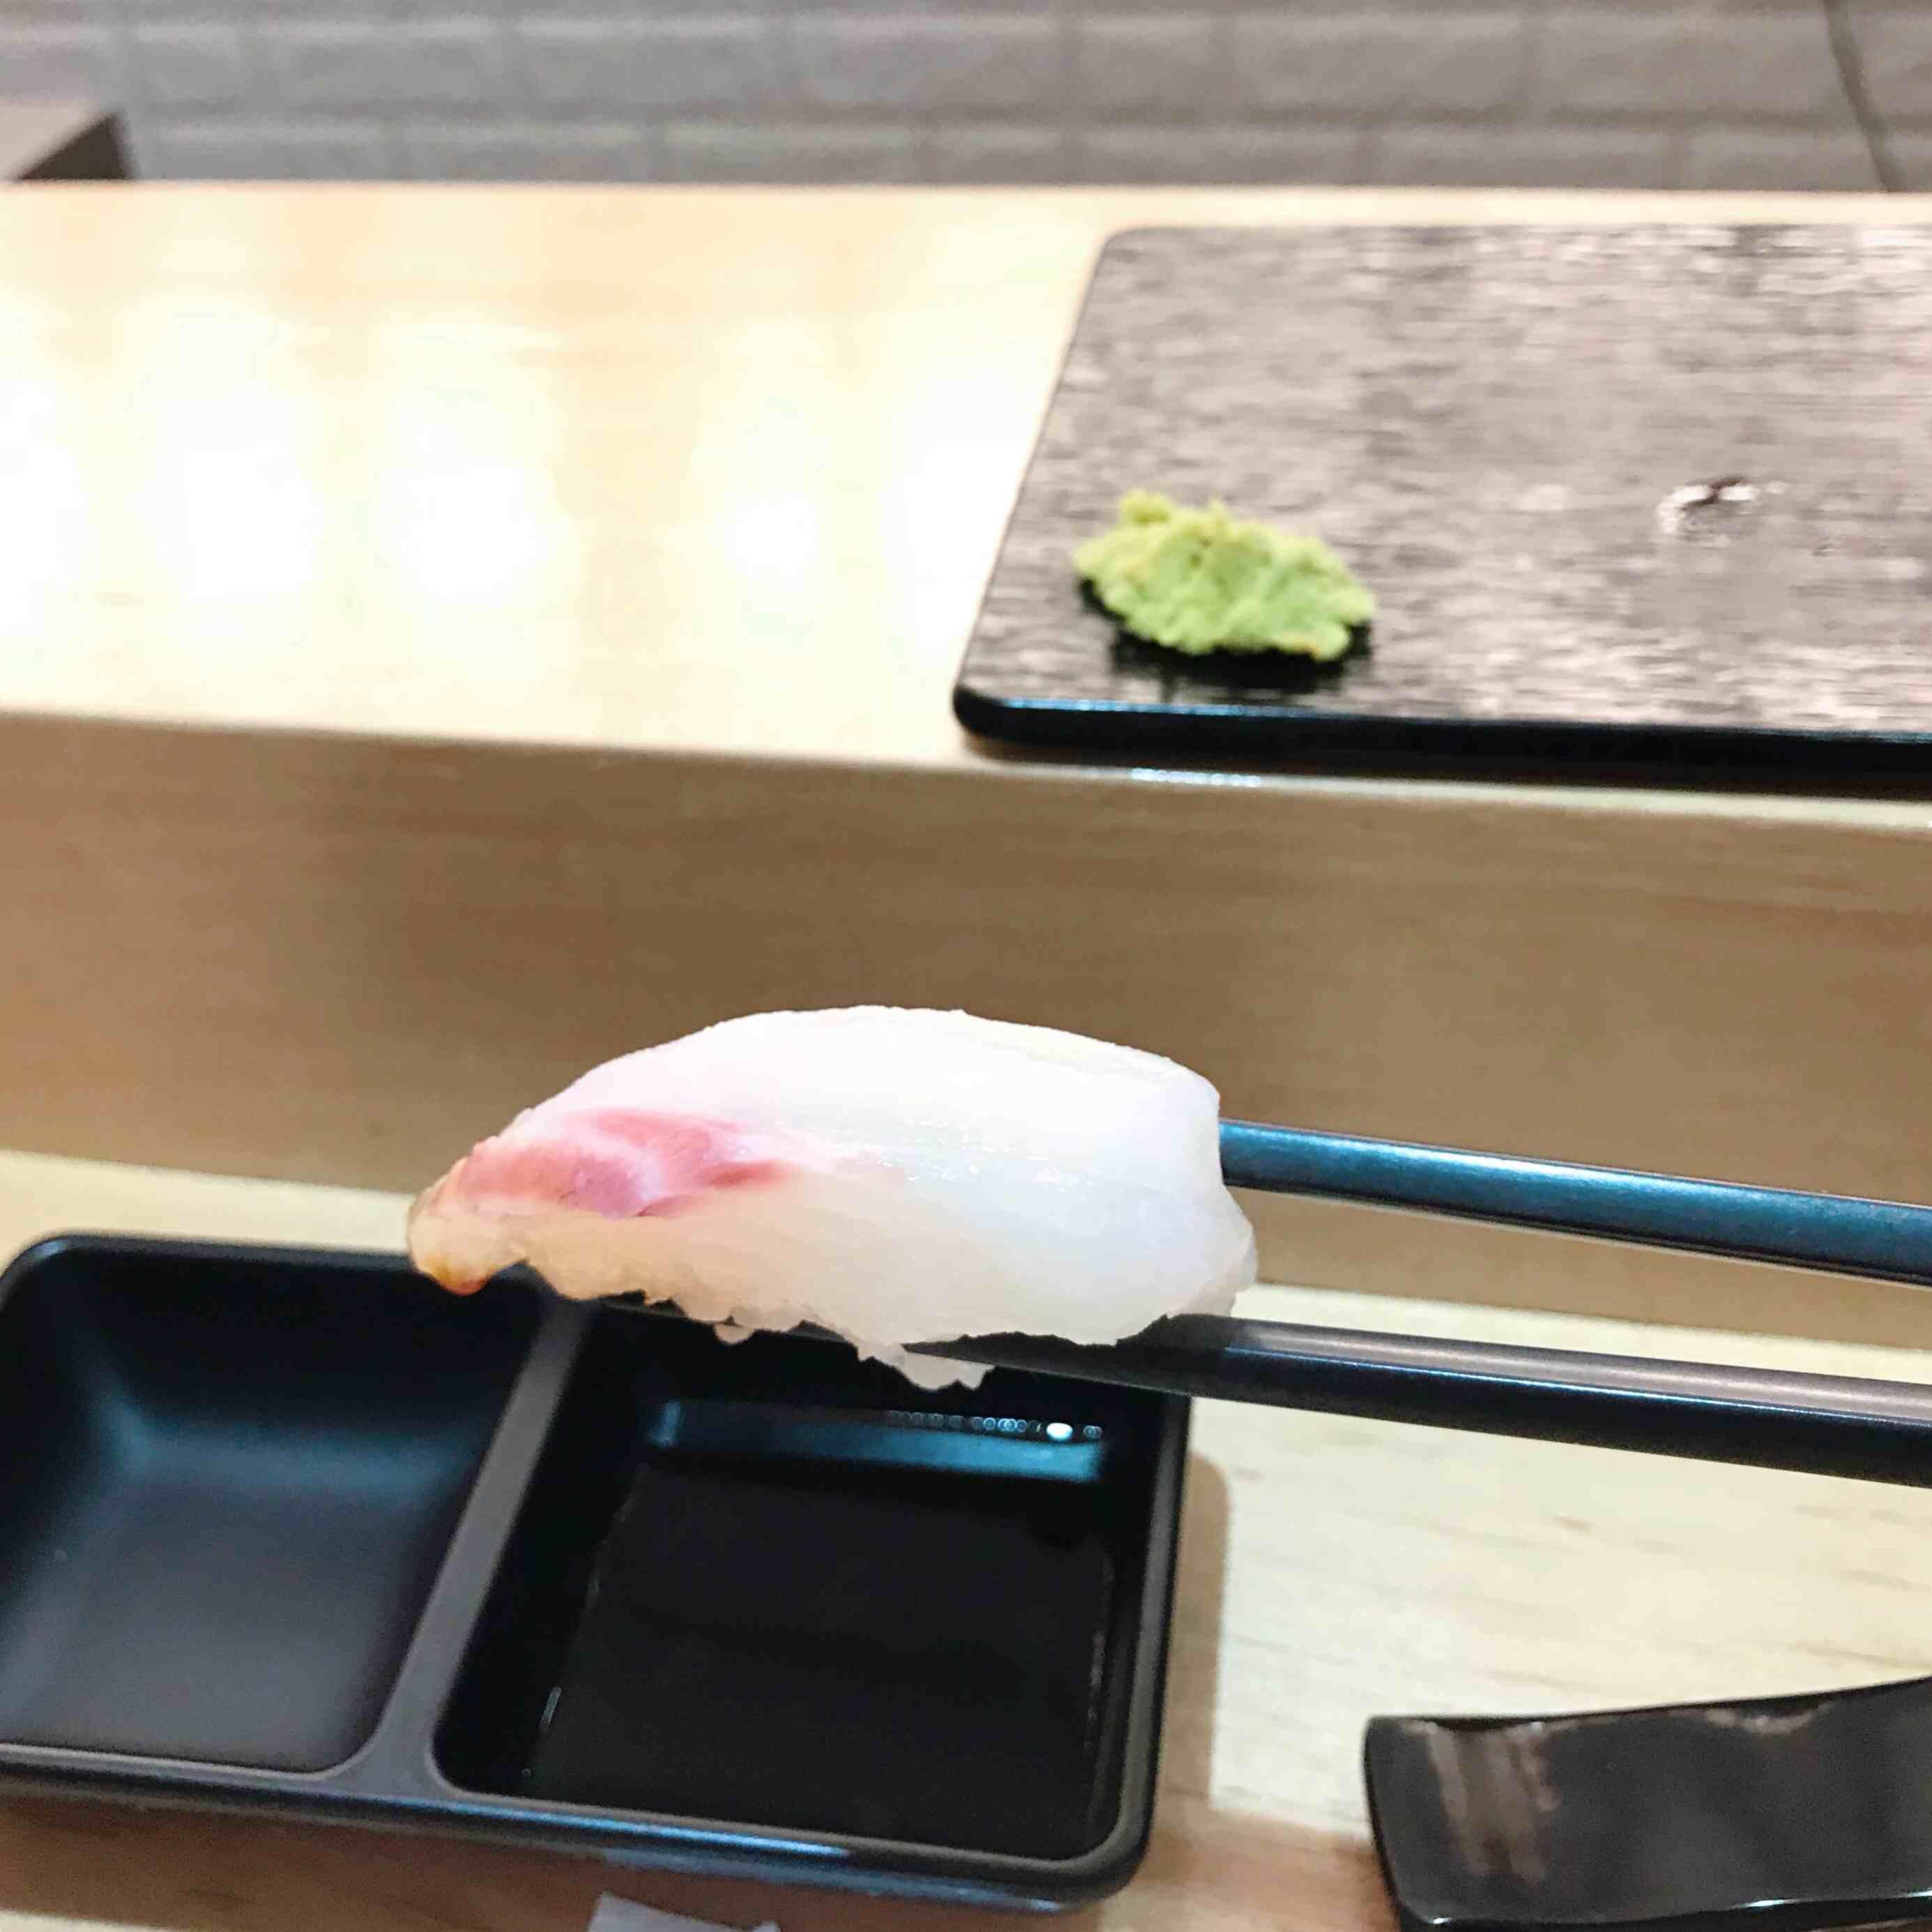 今天第一件壽司是도미(鯛魚),有些人會說這種魚聞起來很不新鮮,小編也很怕不新鮮的魚,但是在這邊完全沒有不新鮮的味道!